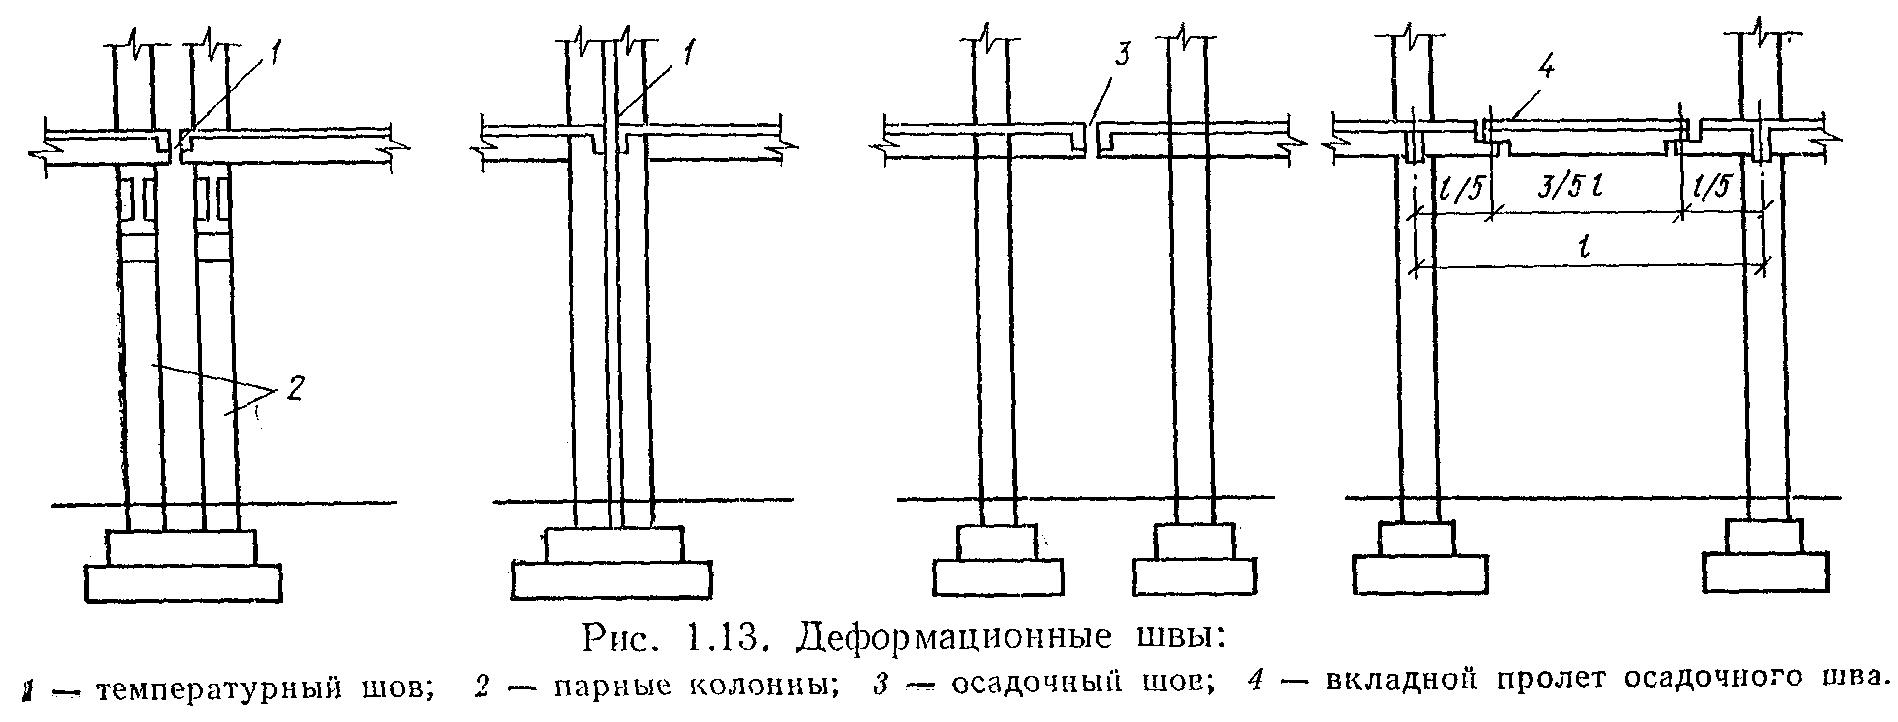 Деформационные швы Wiki ЖБК